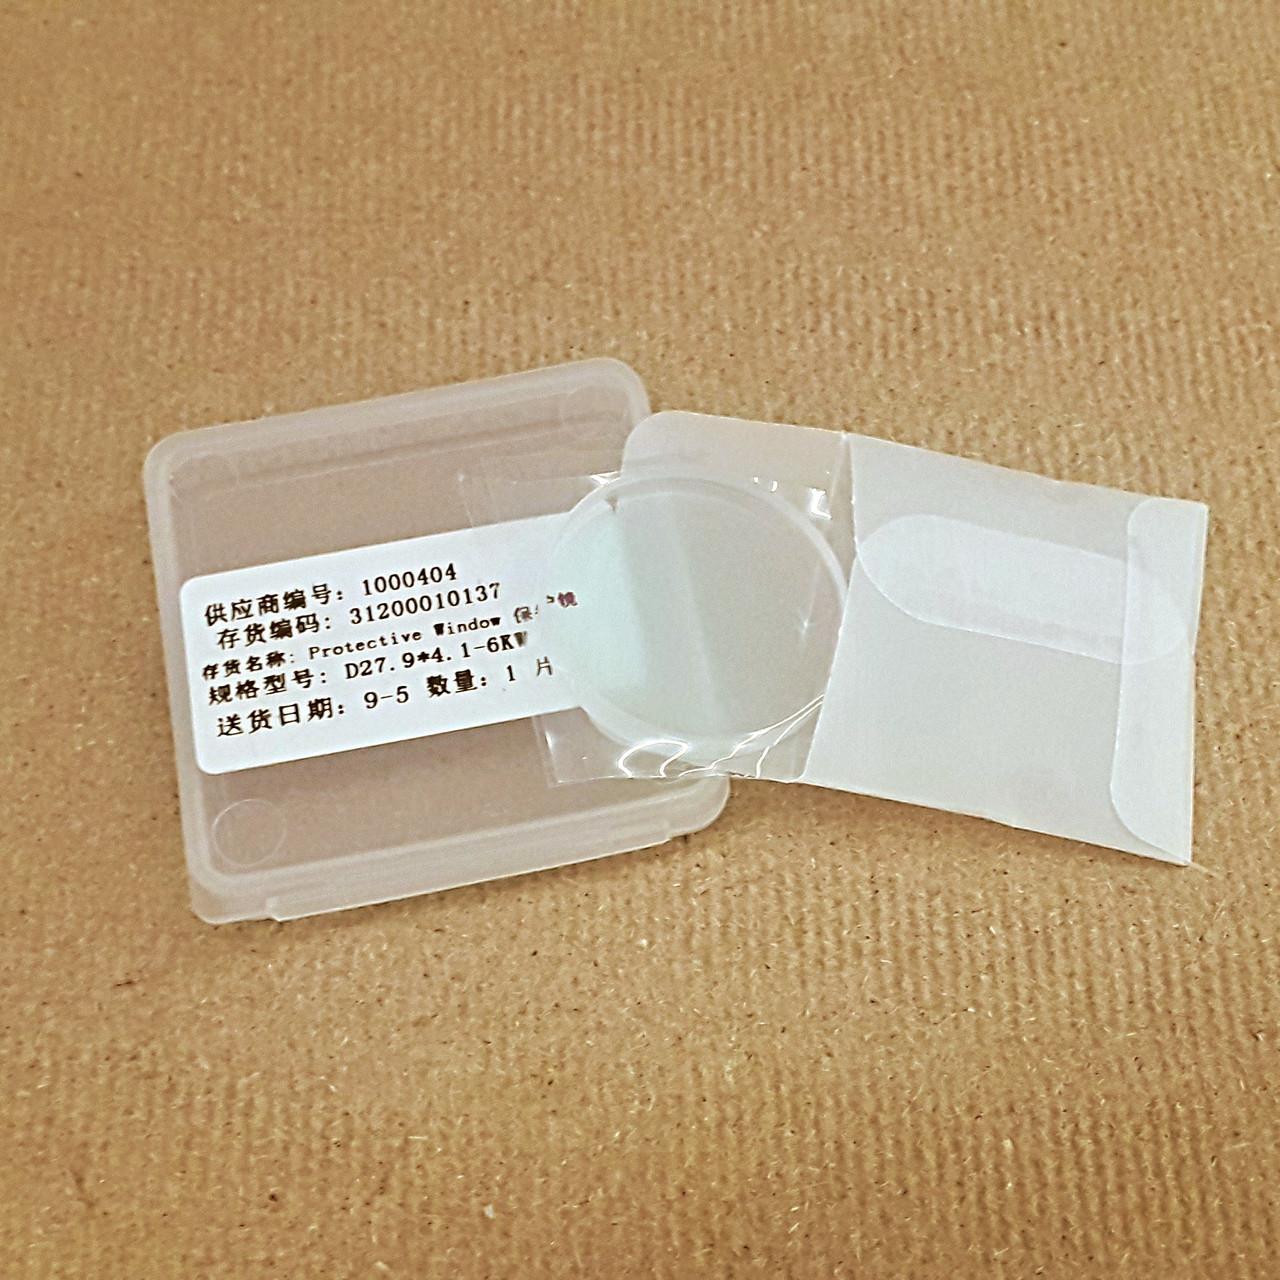 Защитное стекло нижнее D27.9*4,1 мм для волоконных лазерных станков